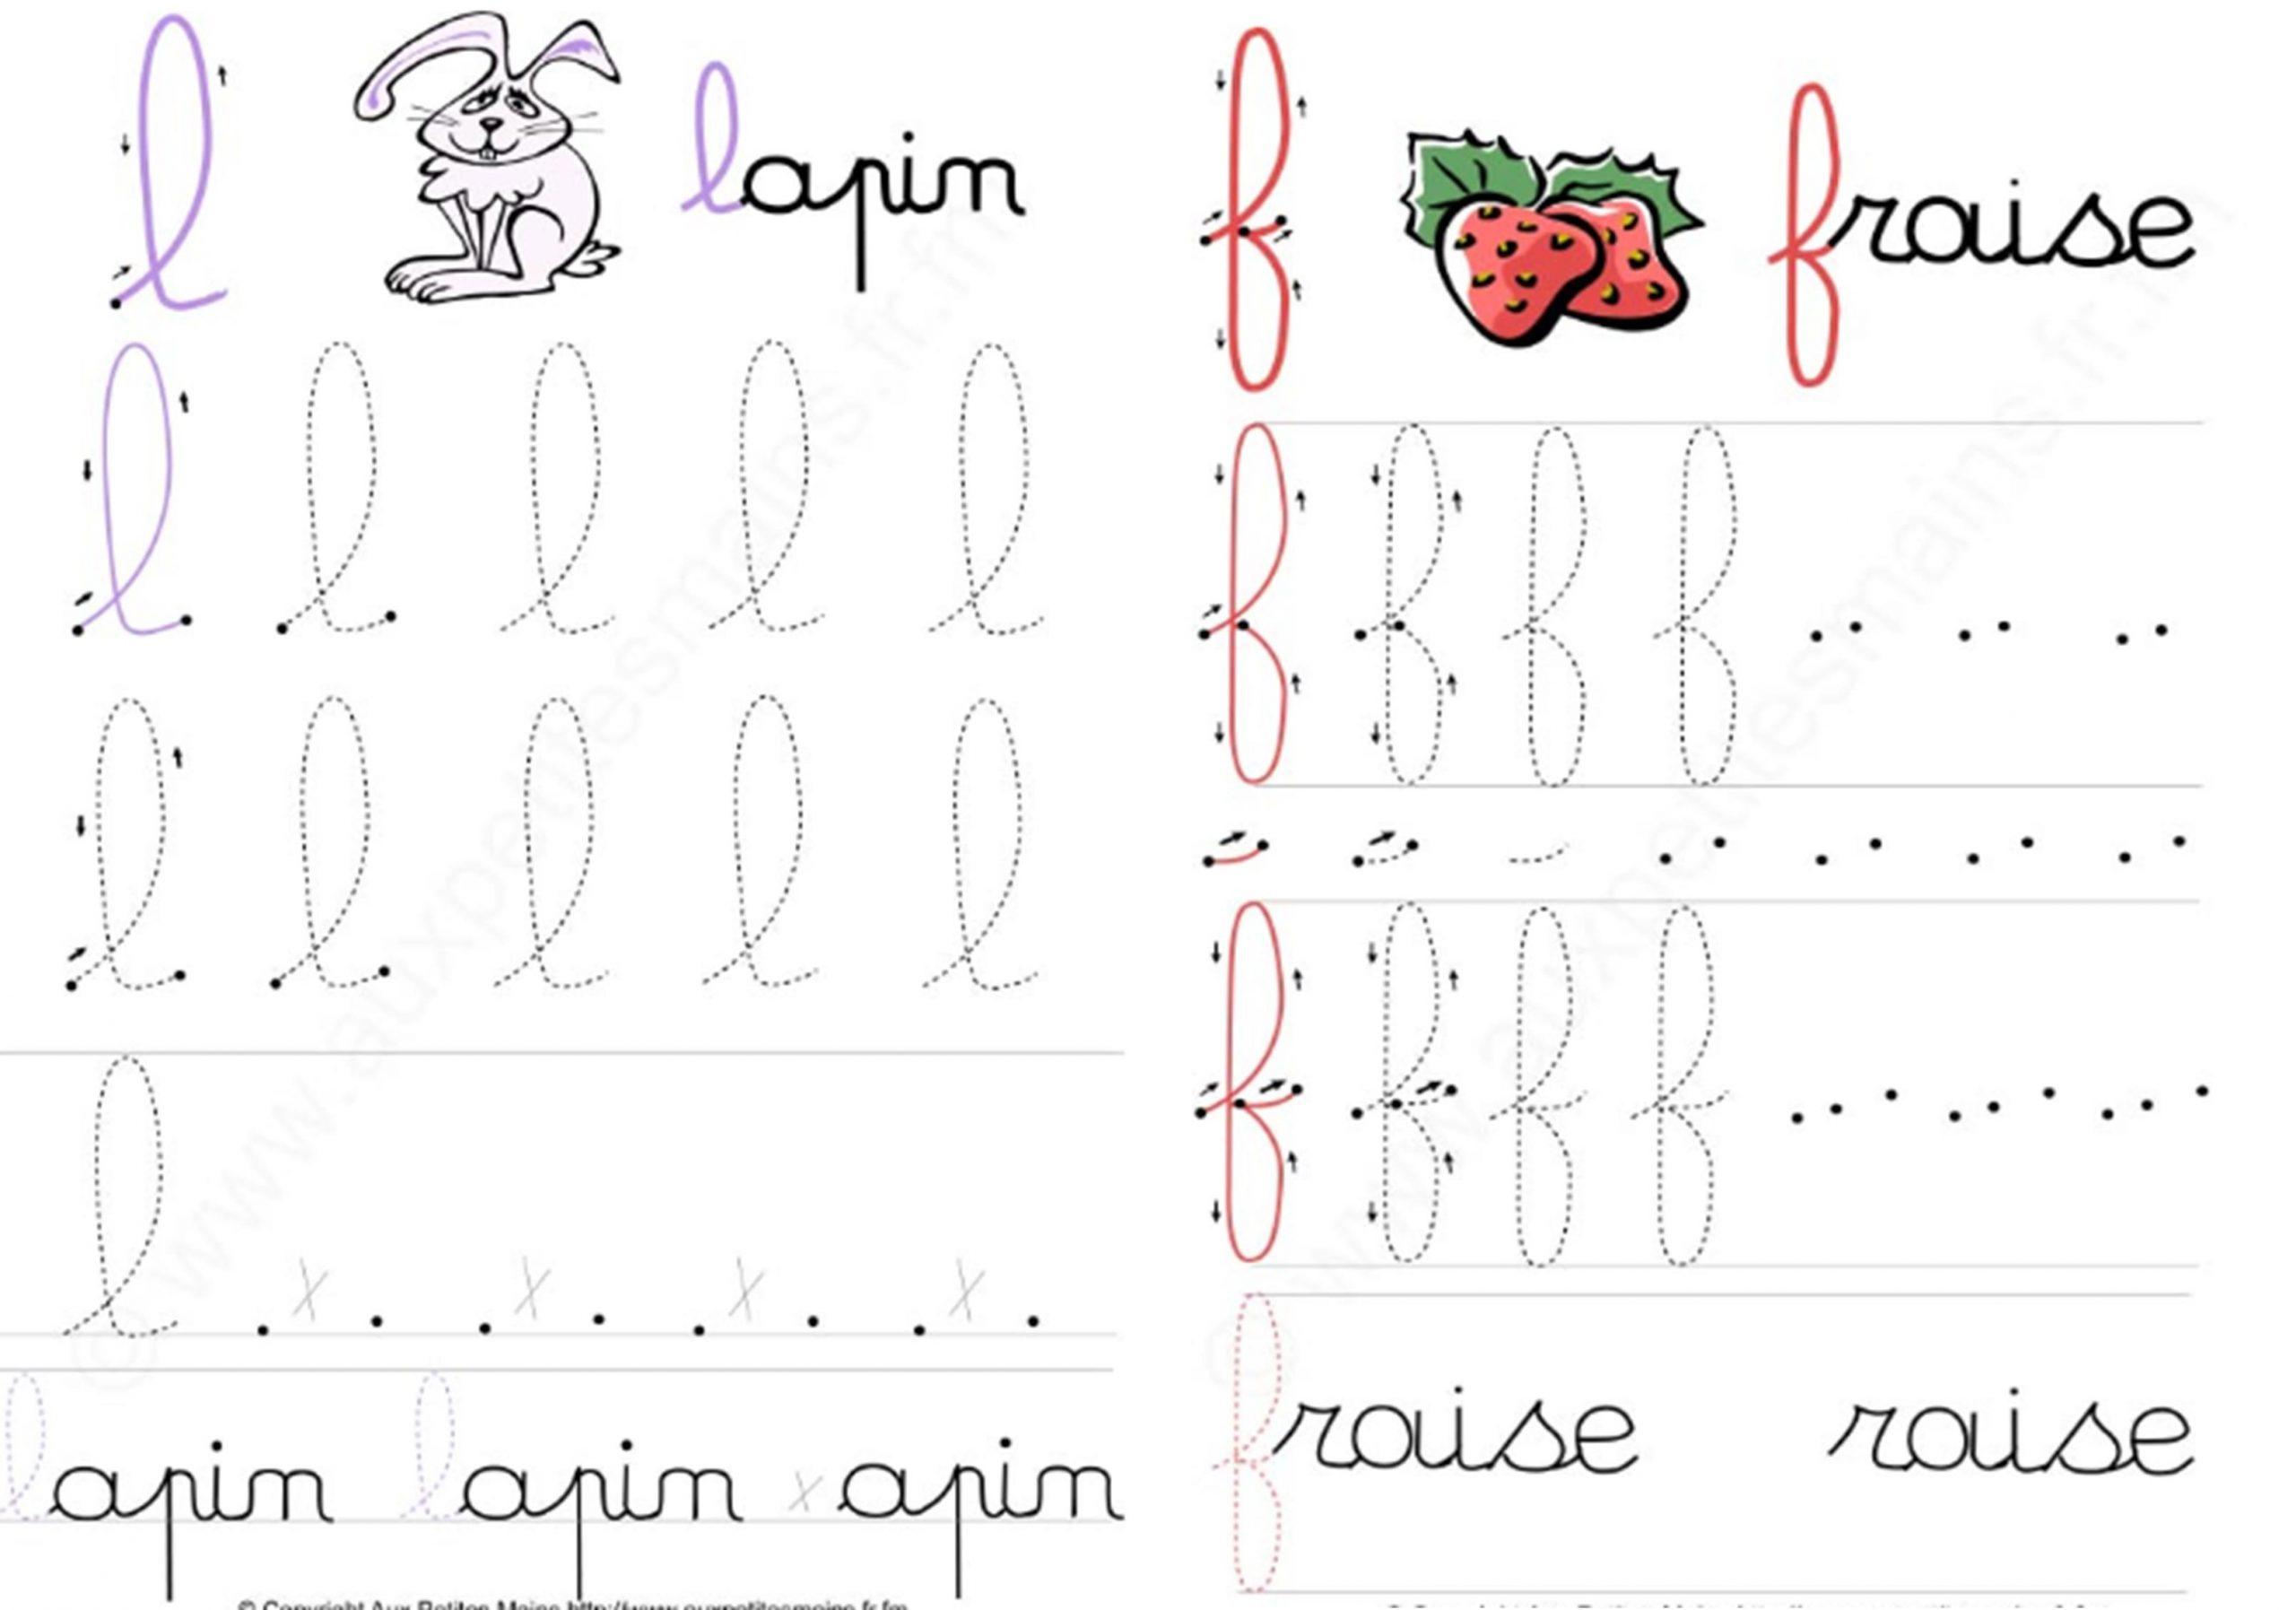 Fichier D'écriture Grande Section | Le Blog De Monsieur Mathieu à Apprendre A Ecrire Les Lettres En Minuscule